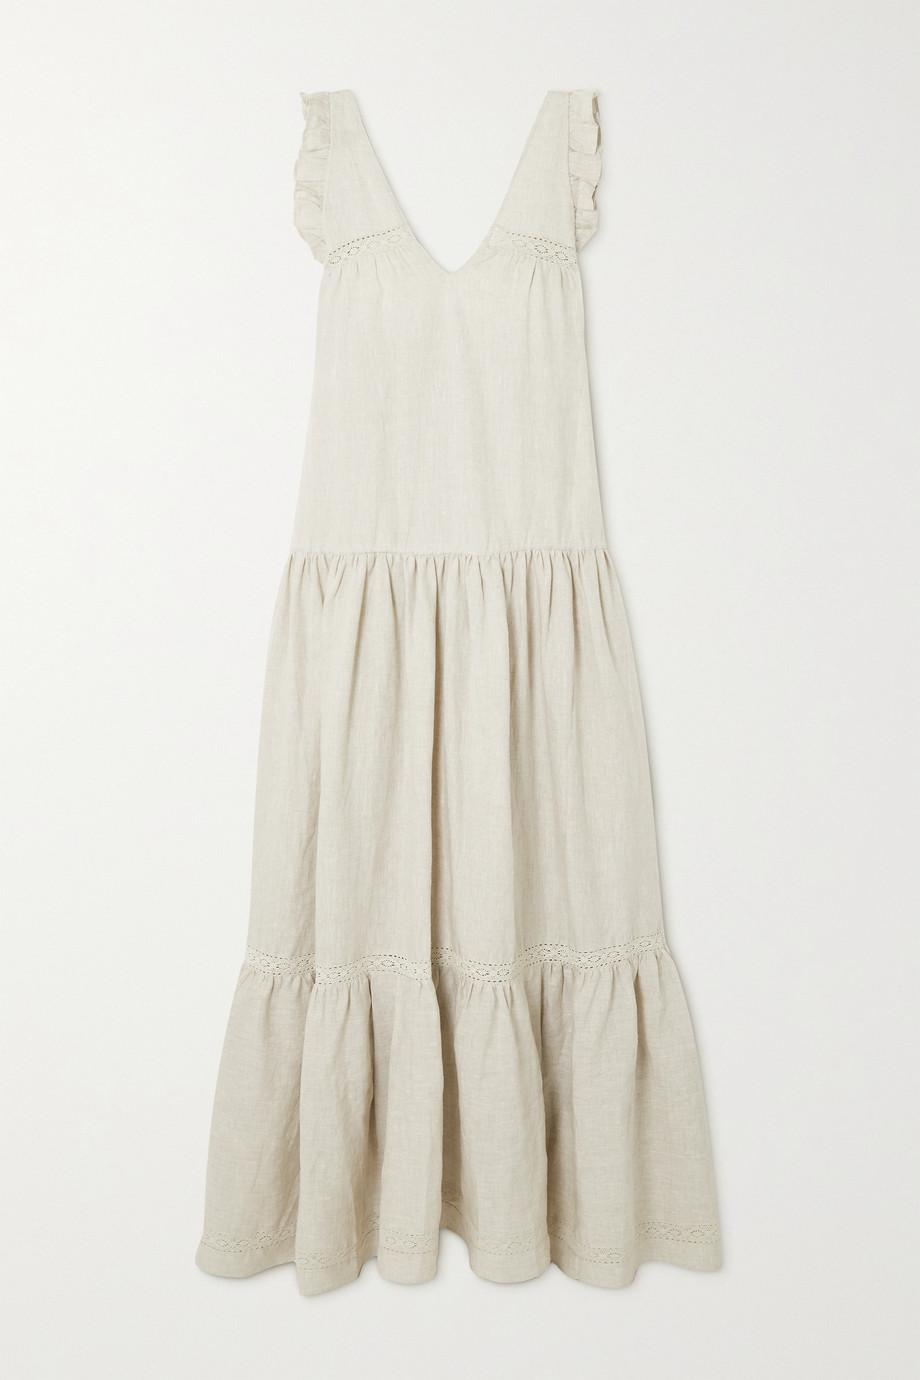 Joslin + NET SUSTAIN Gracie crocheted lace-trimmed linen maxi dress